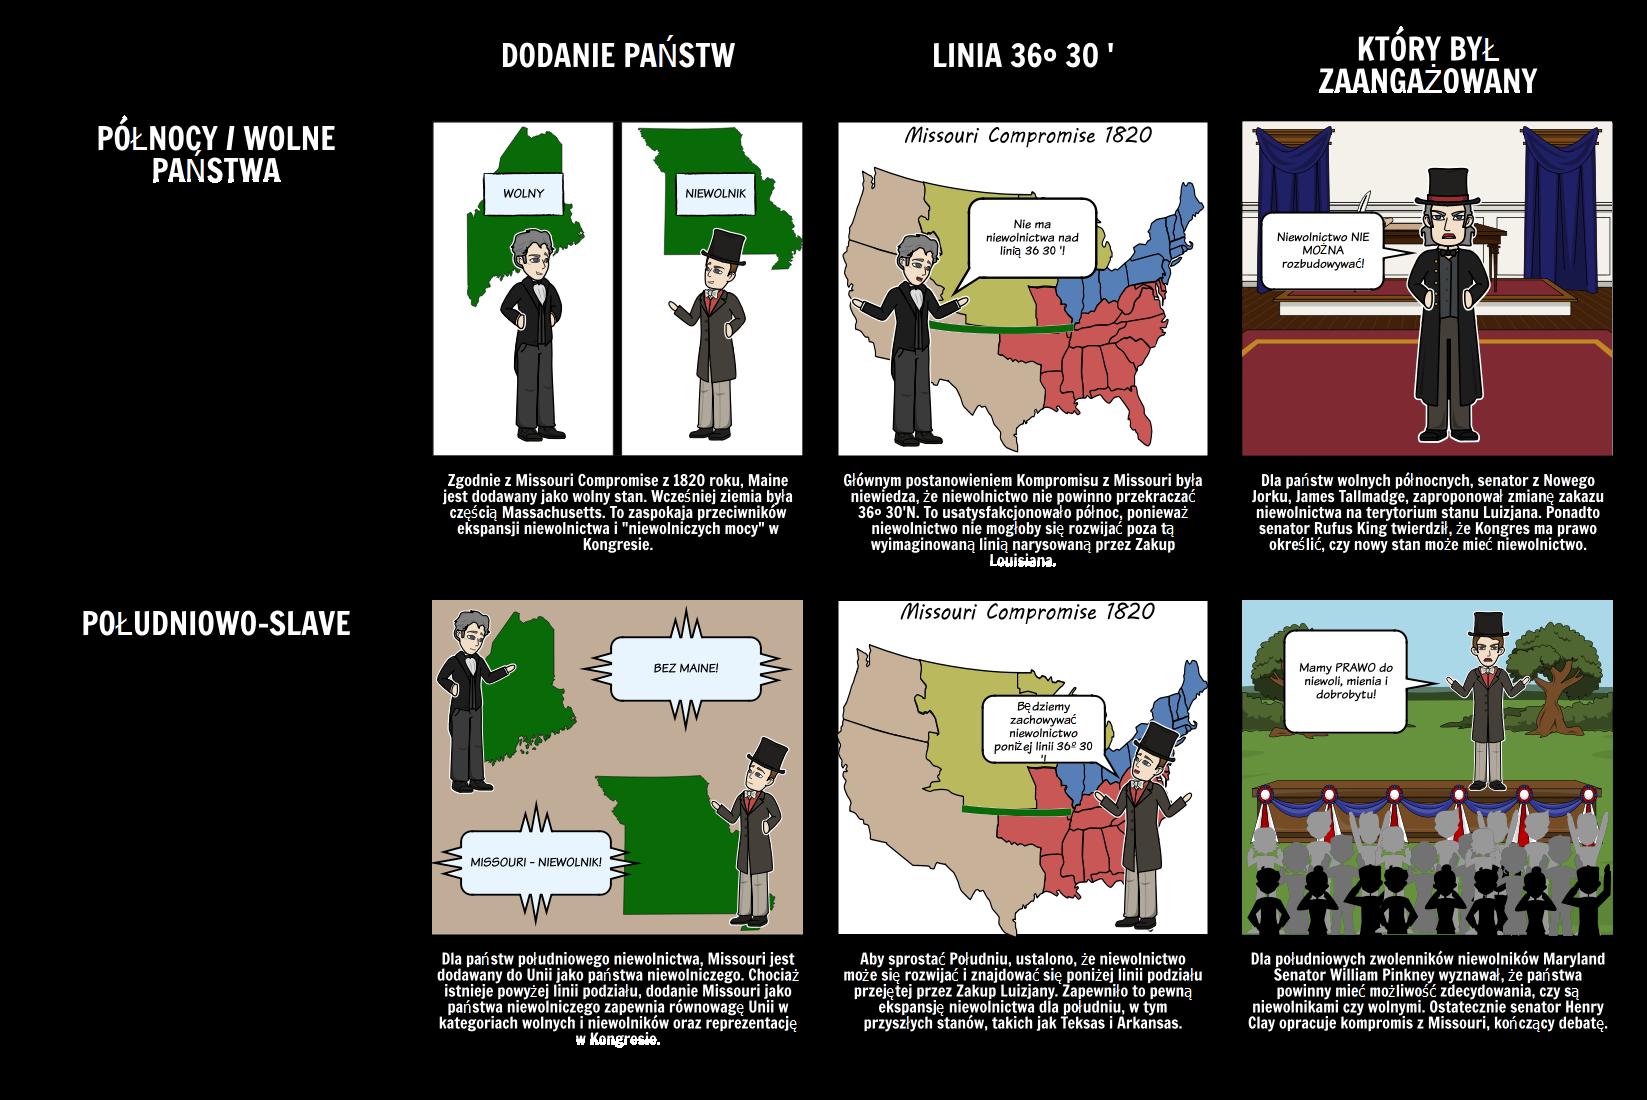 Kompromis Missouri z 1820 roku - Who Got What